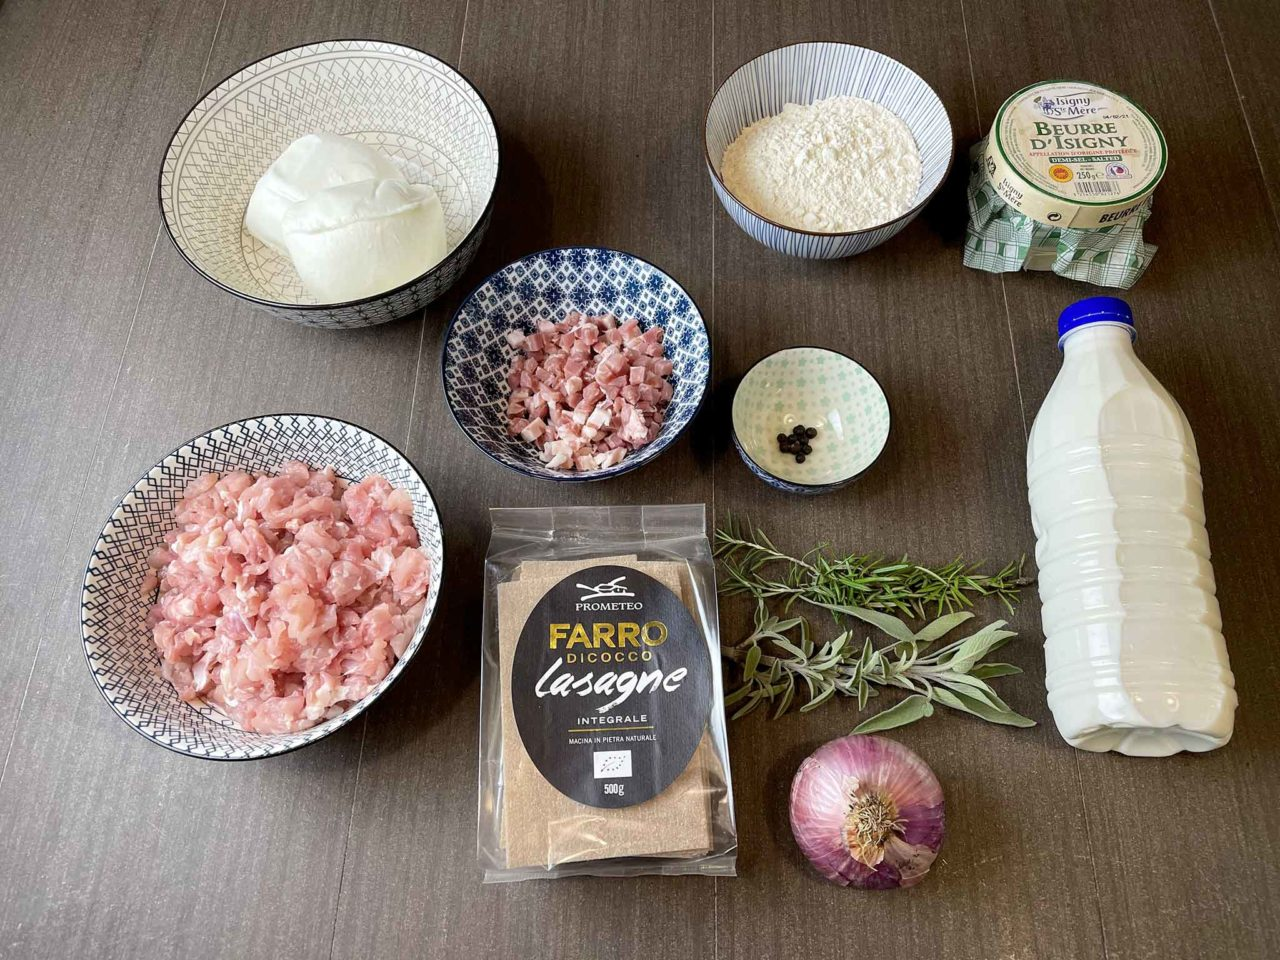 lasagne di farro con ragù di coniglio ingredienti